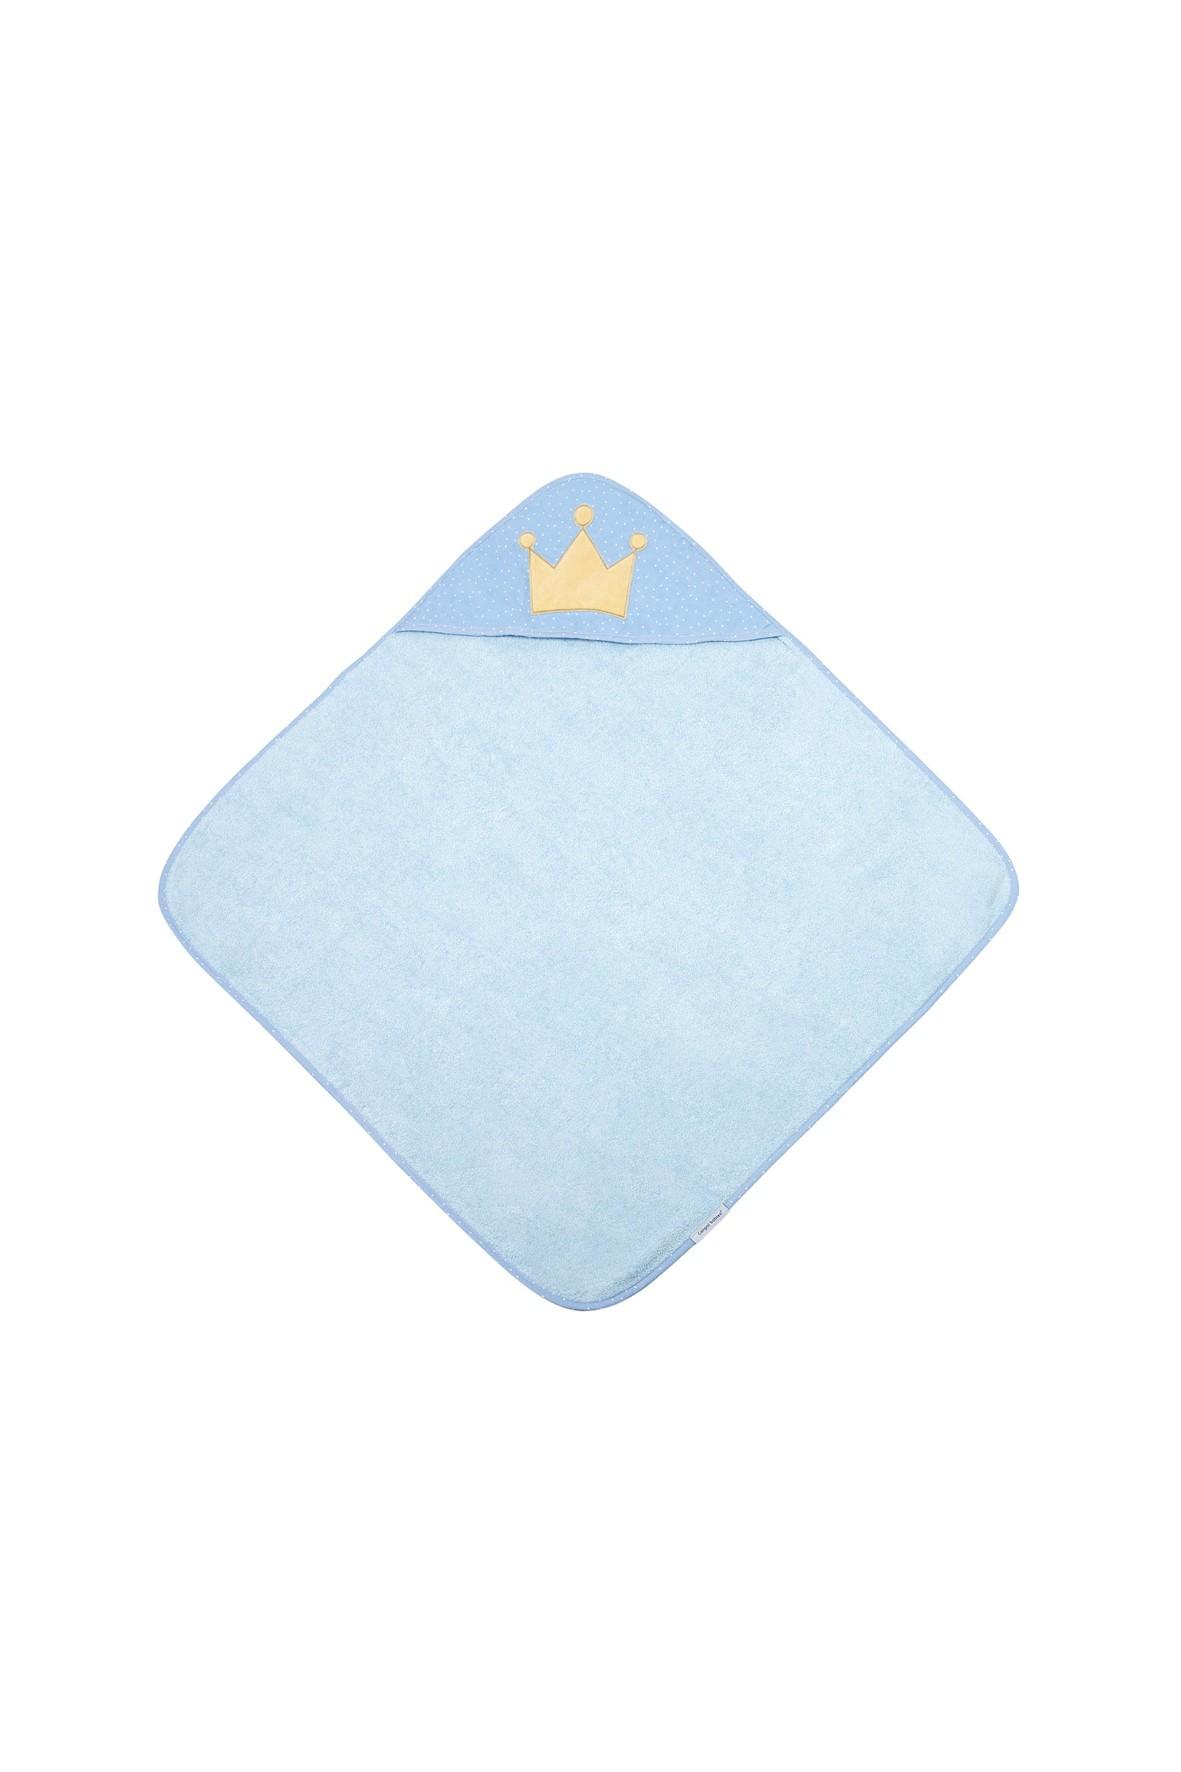 Okrycie kąpielowe dla niemowląt  King- niebieskie 85x85cm